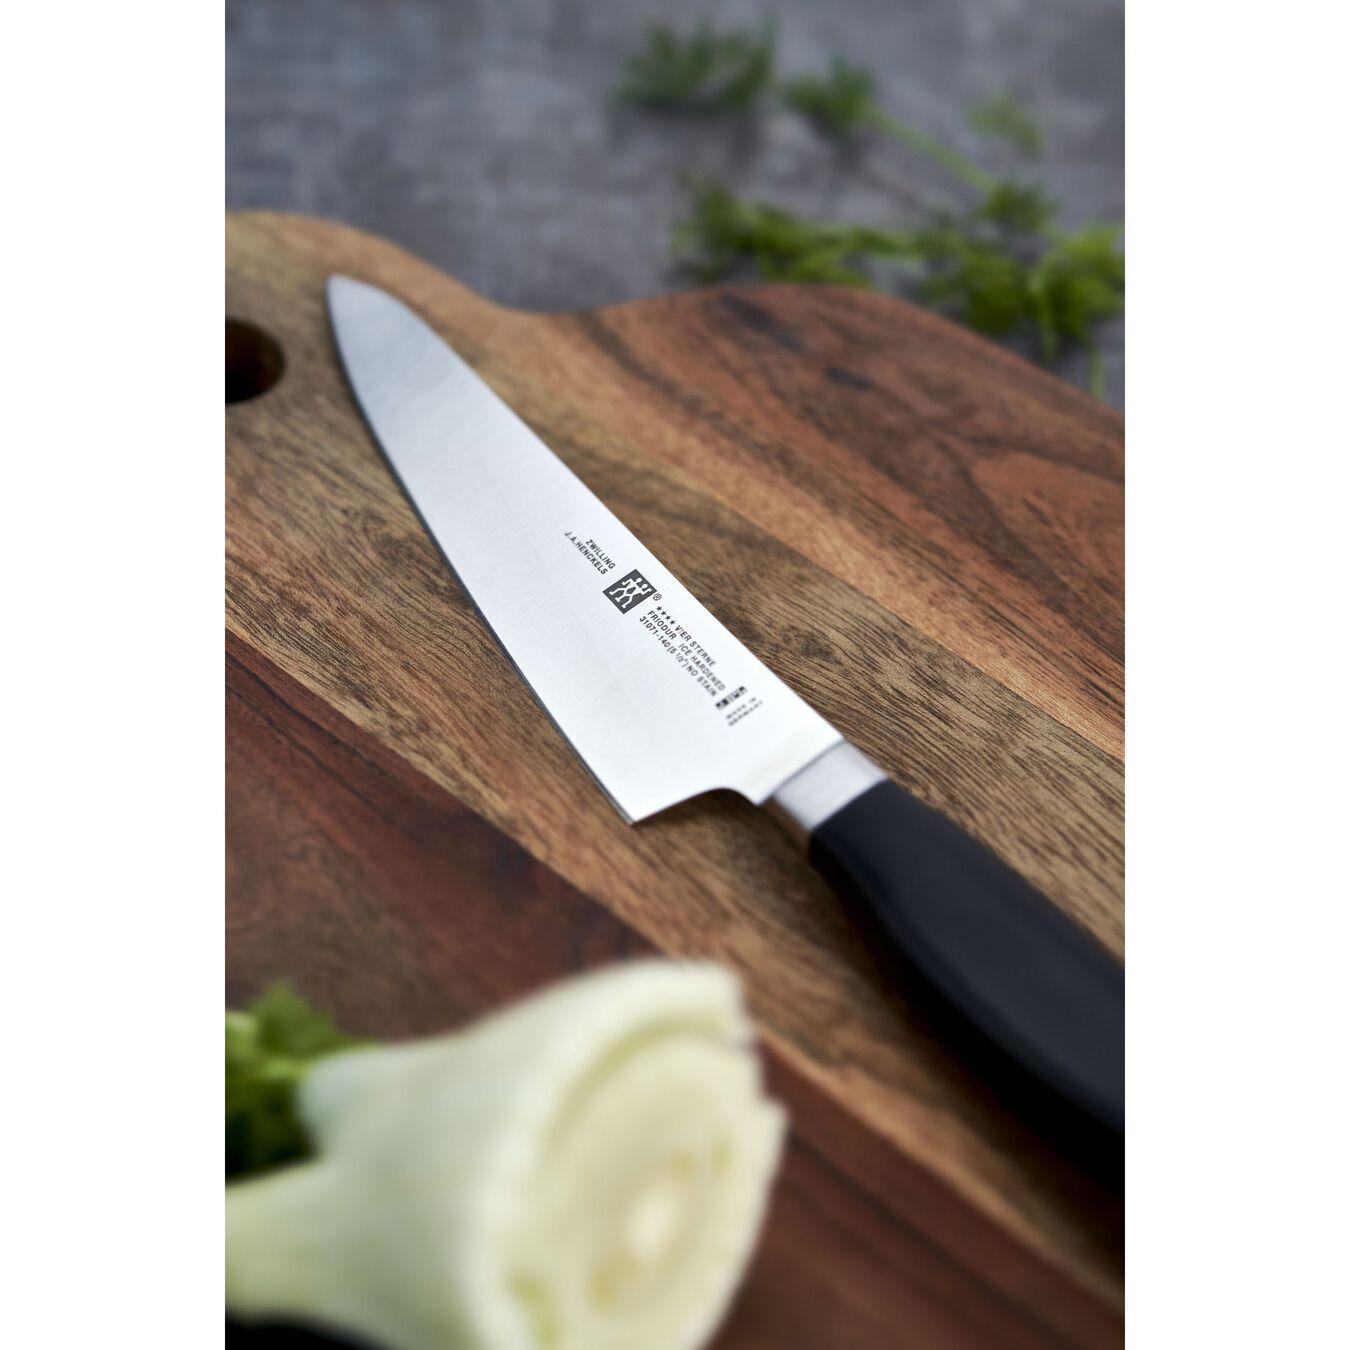 Coltello Chef compact liscio - 14 cm, forgiato, argento,,large 2